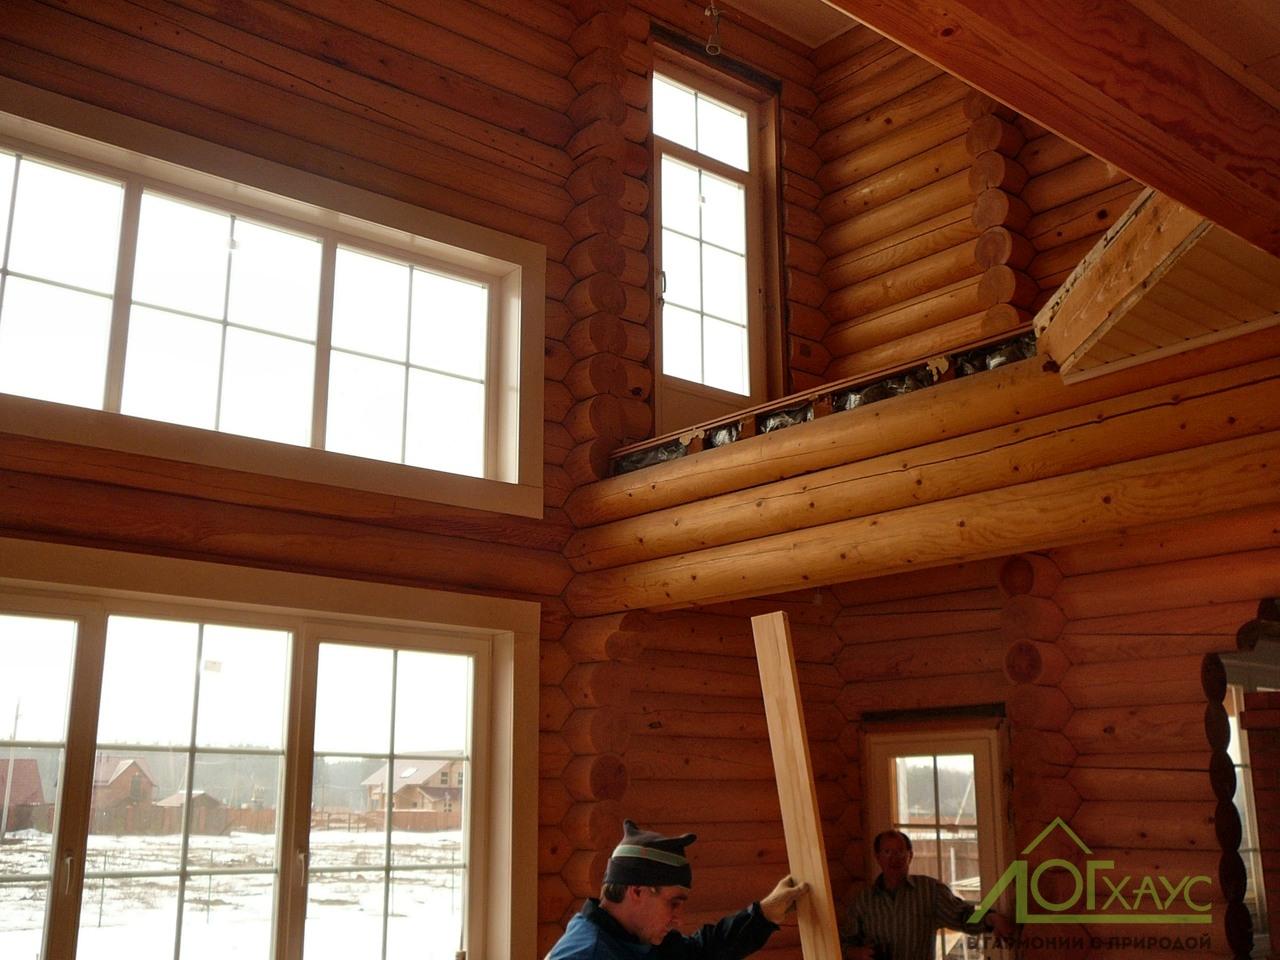 Внутренняя отделка дома из оцилиндрованного бруса